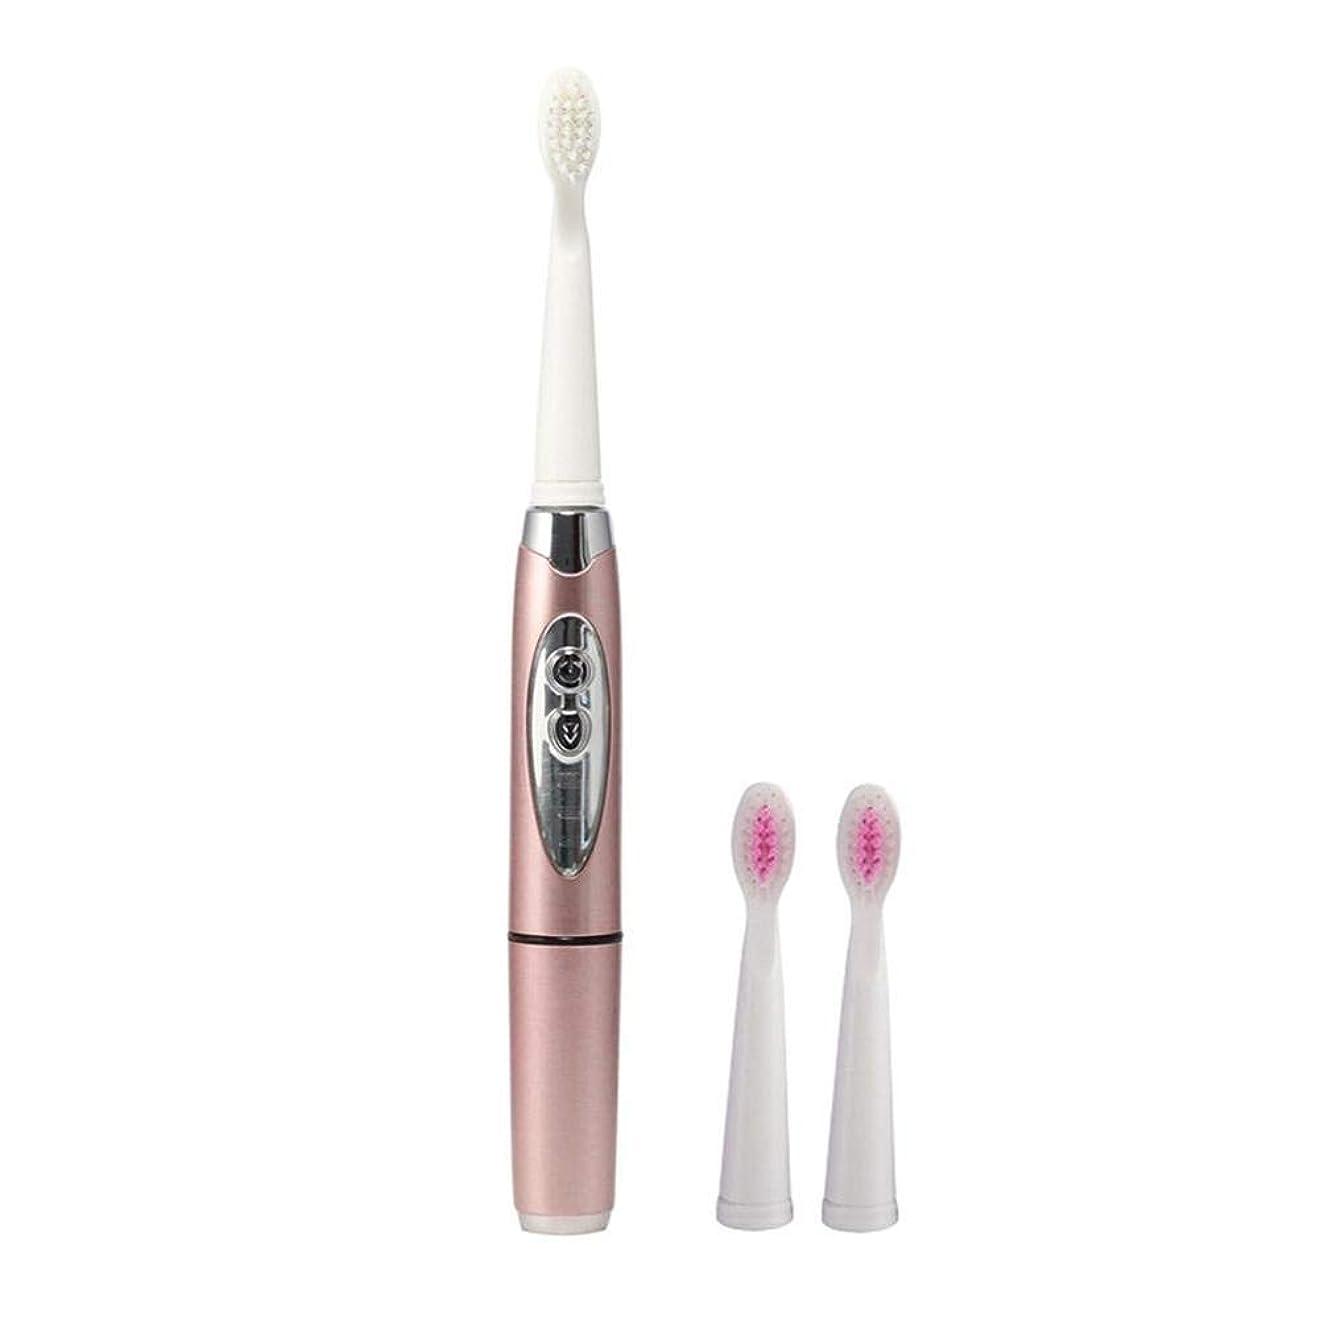 電動歯ブラシ電池式電動歯ブラシ3クリーニングモード歯ブラシオーラルケア大人の歯ブラシ